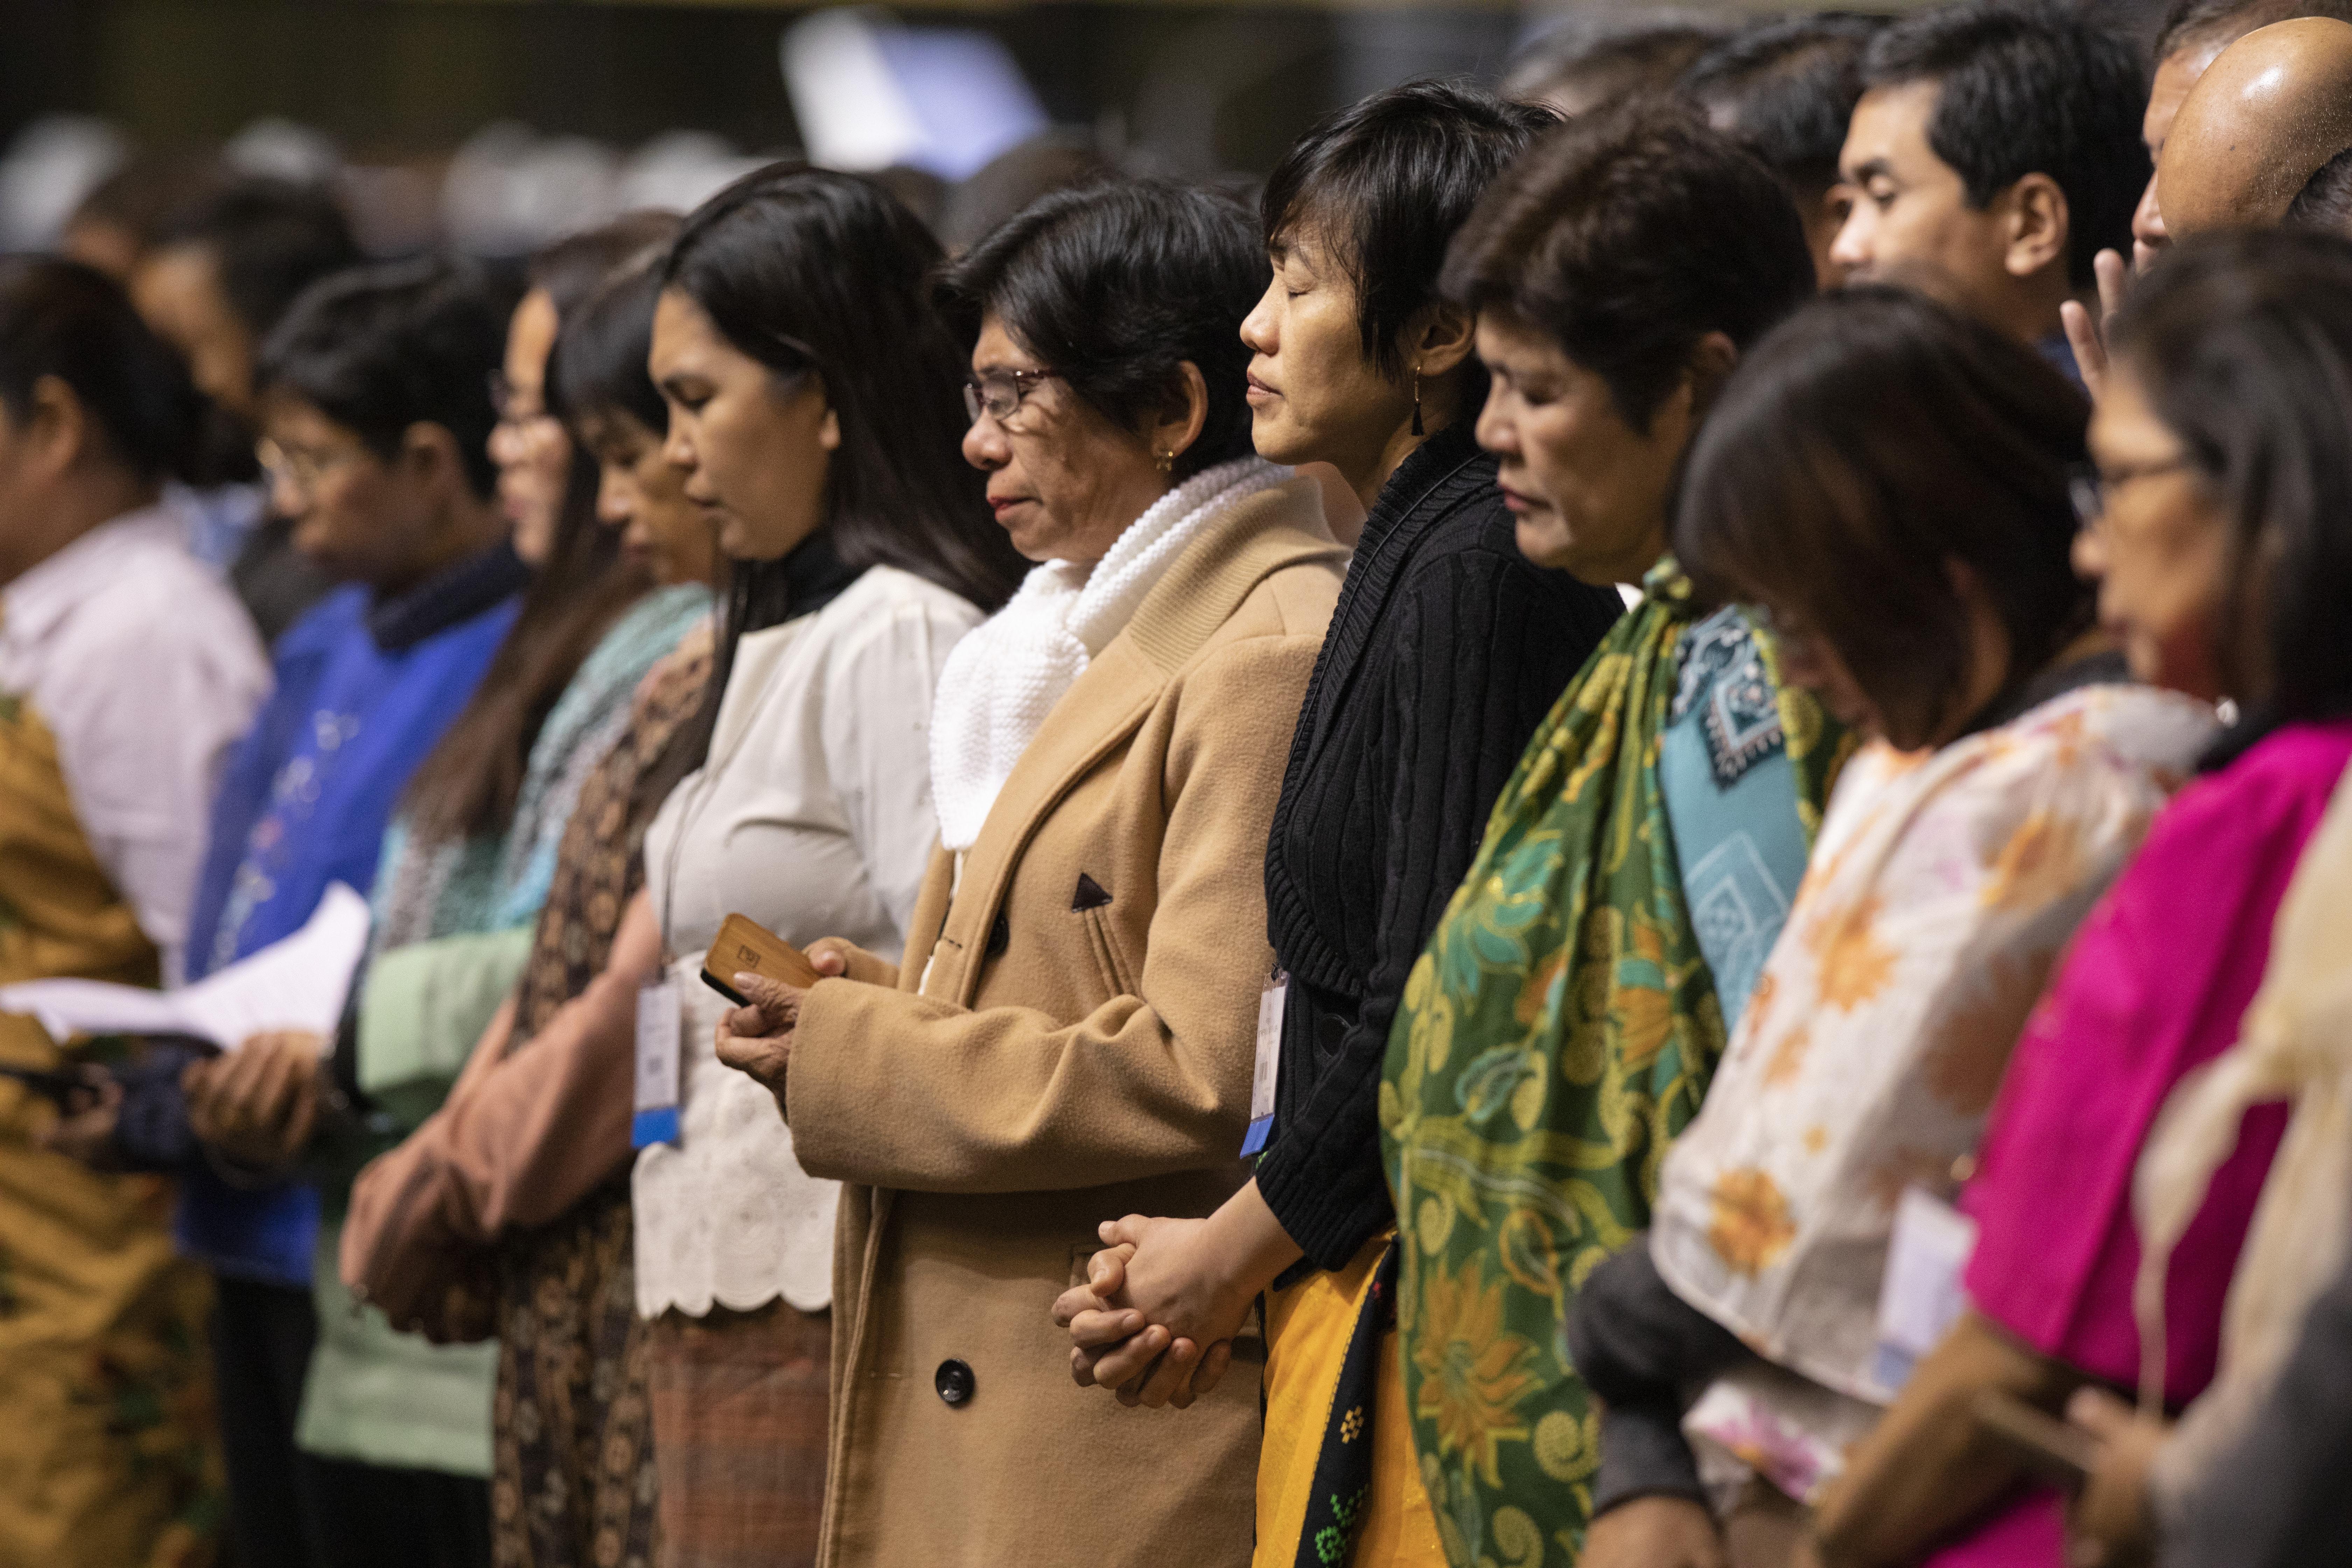 세인트루이스에서 열린 2019년 연합감리교회 특별총회 중 '기도의 날'에 필리핀 대의원들이 머리를 숙여 기도하고 있다. 필리핀 연합감리교인들은 2020년 총회에 교단 분리를 반대하고, 교단 일치를 촉구하는 입법안을 제출했다. 사진, 캣 배리, 연합감리교뉴스.